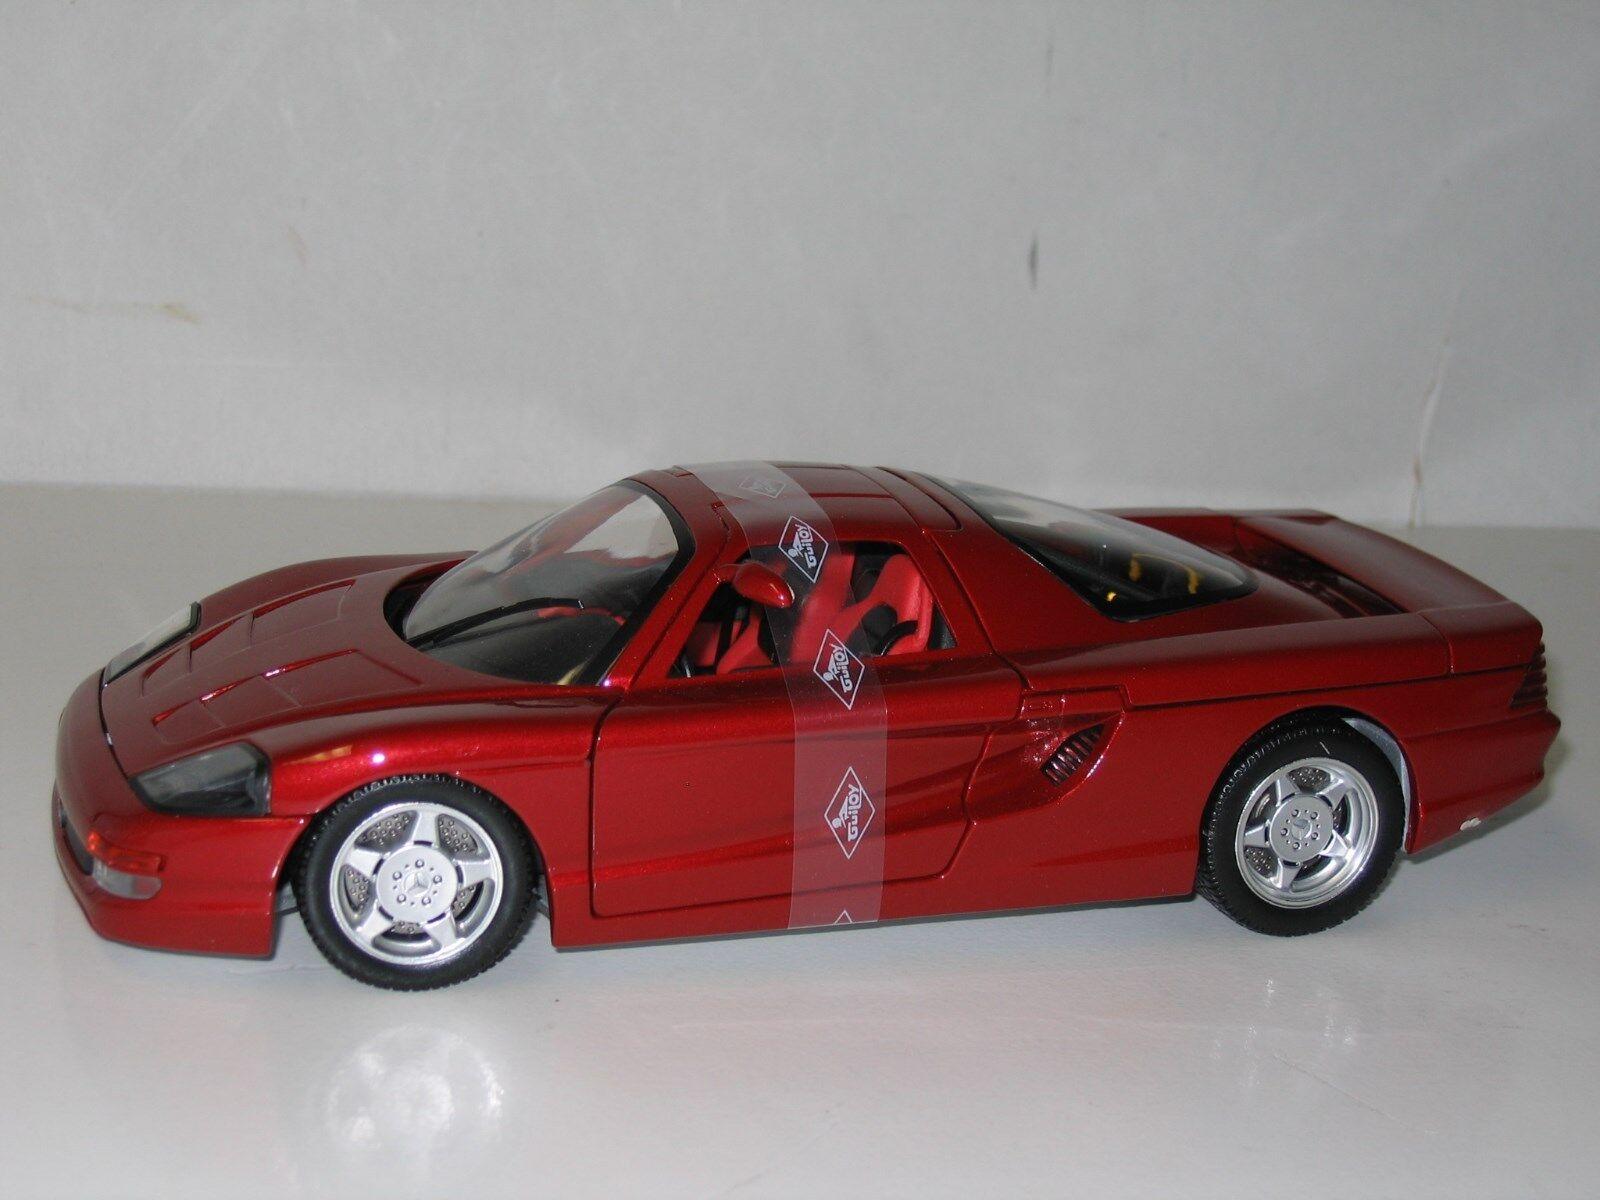 1/18 Guiloy Mercedes C-112, Rojo, Nuevo